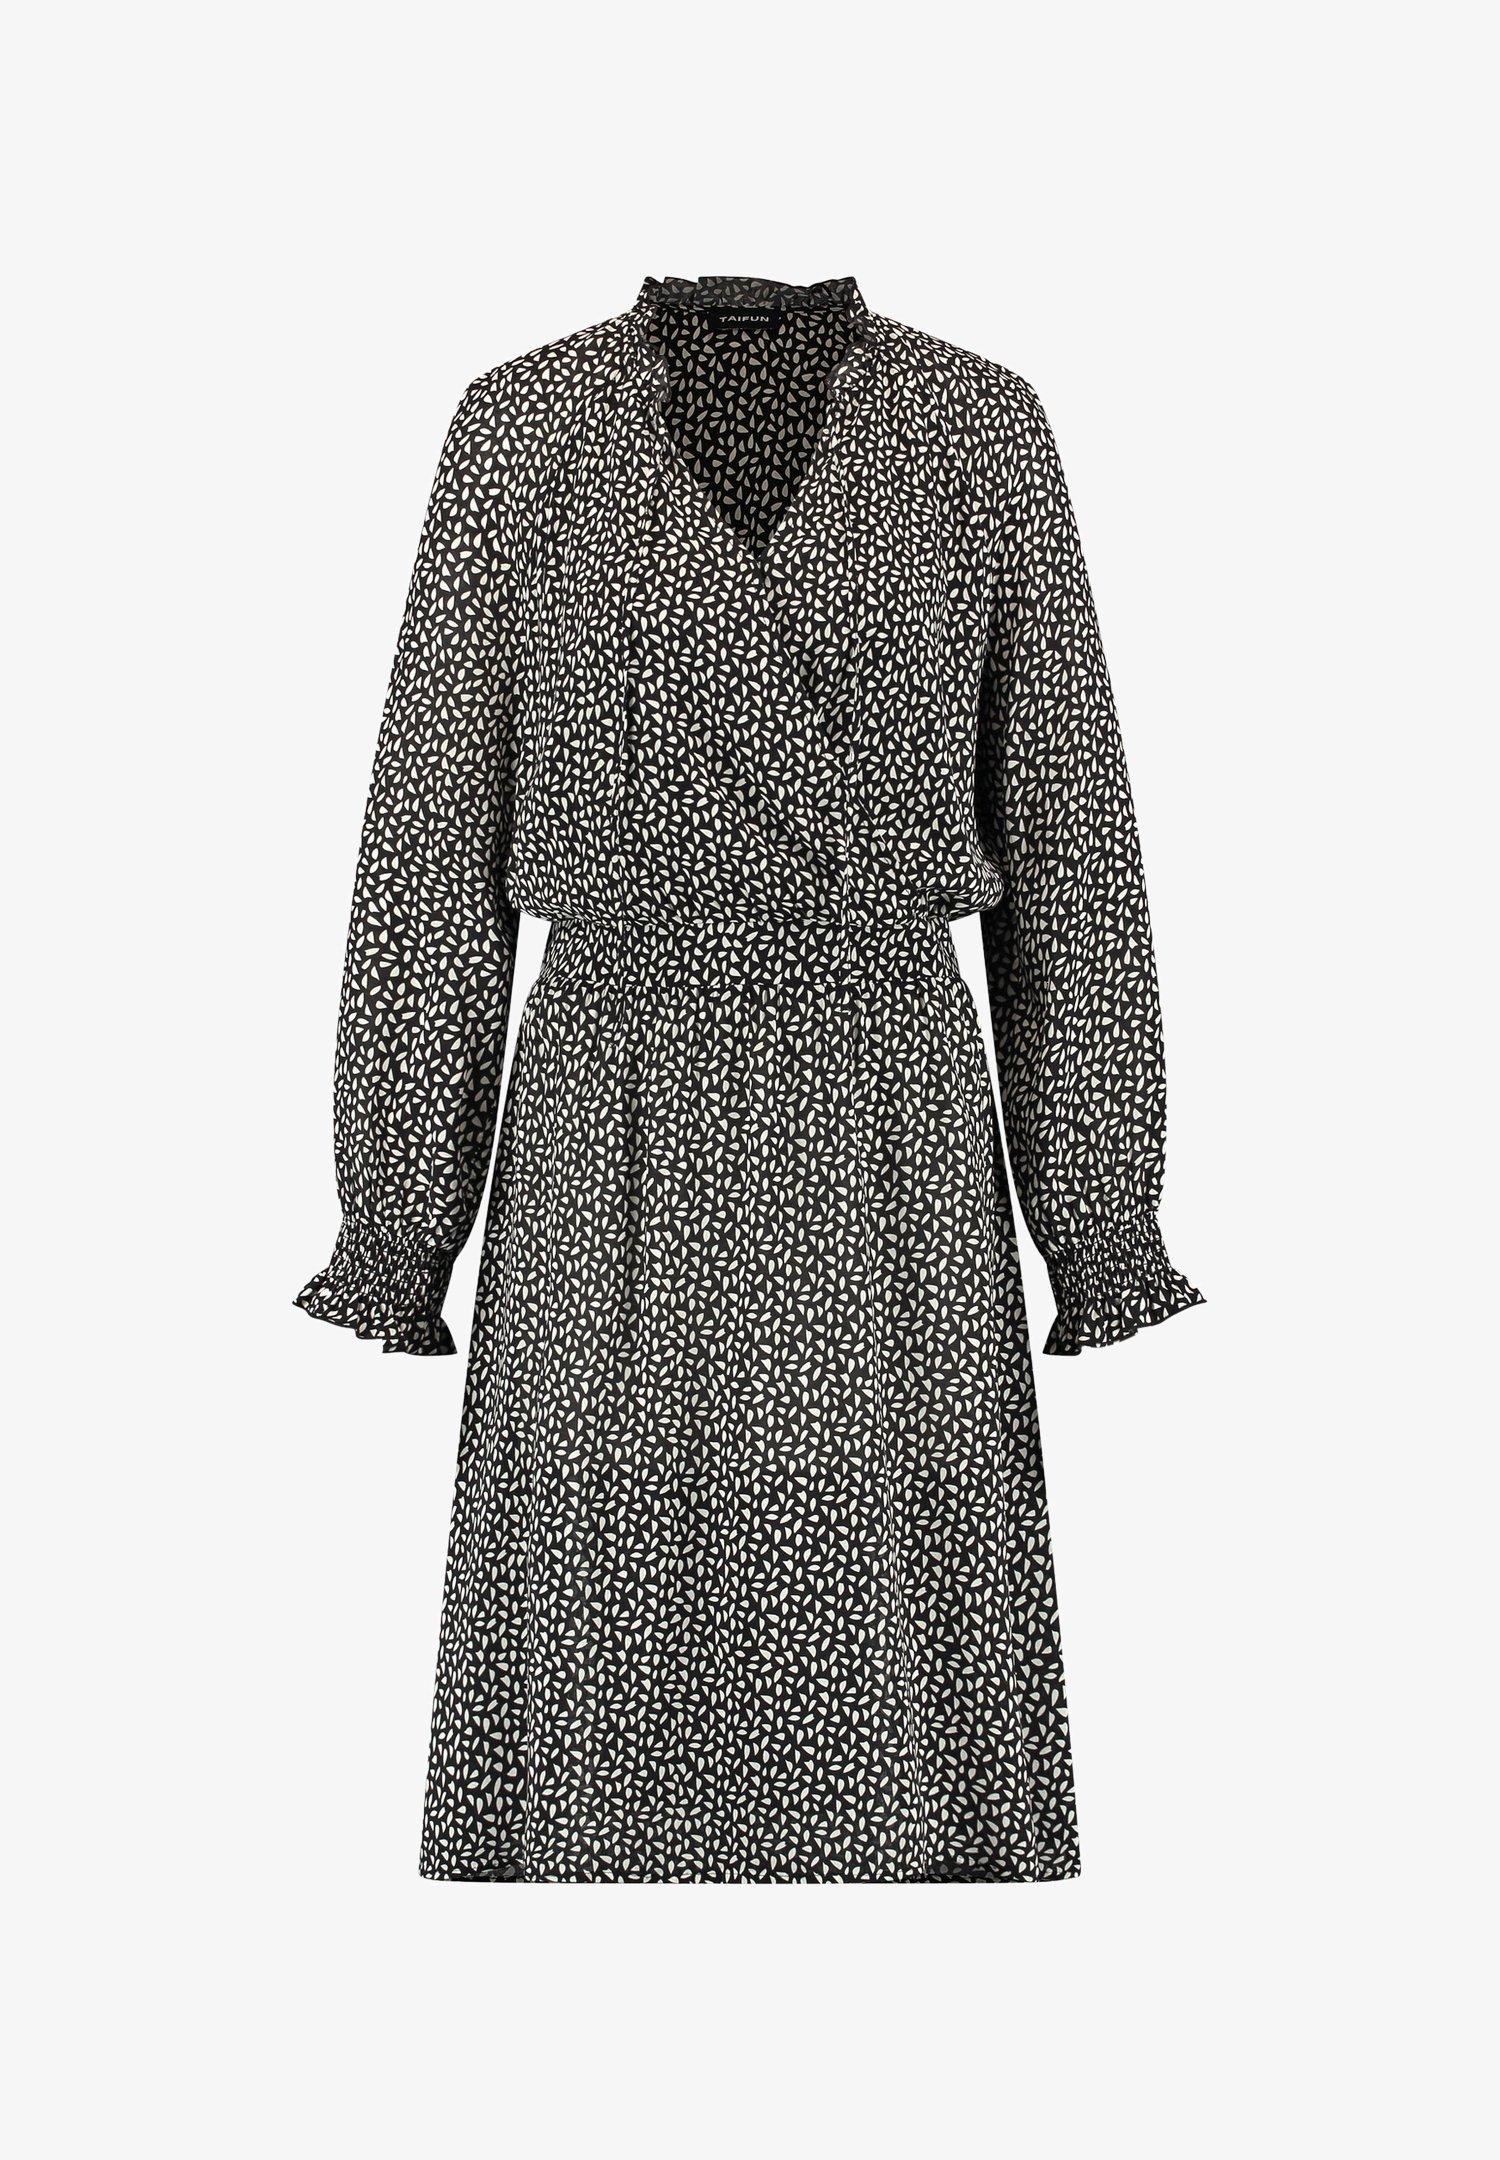 Taifun Kleid Langarm Kurz Kleid Mit Wickel Ausschnitt Freizeitkleid Black Gemustert Zalando At